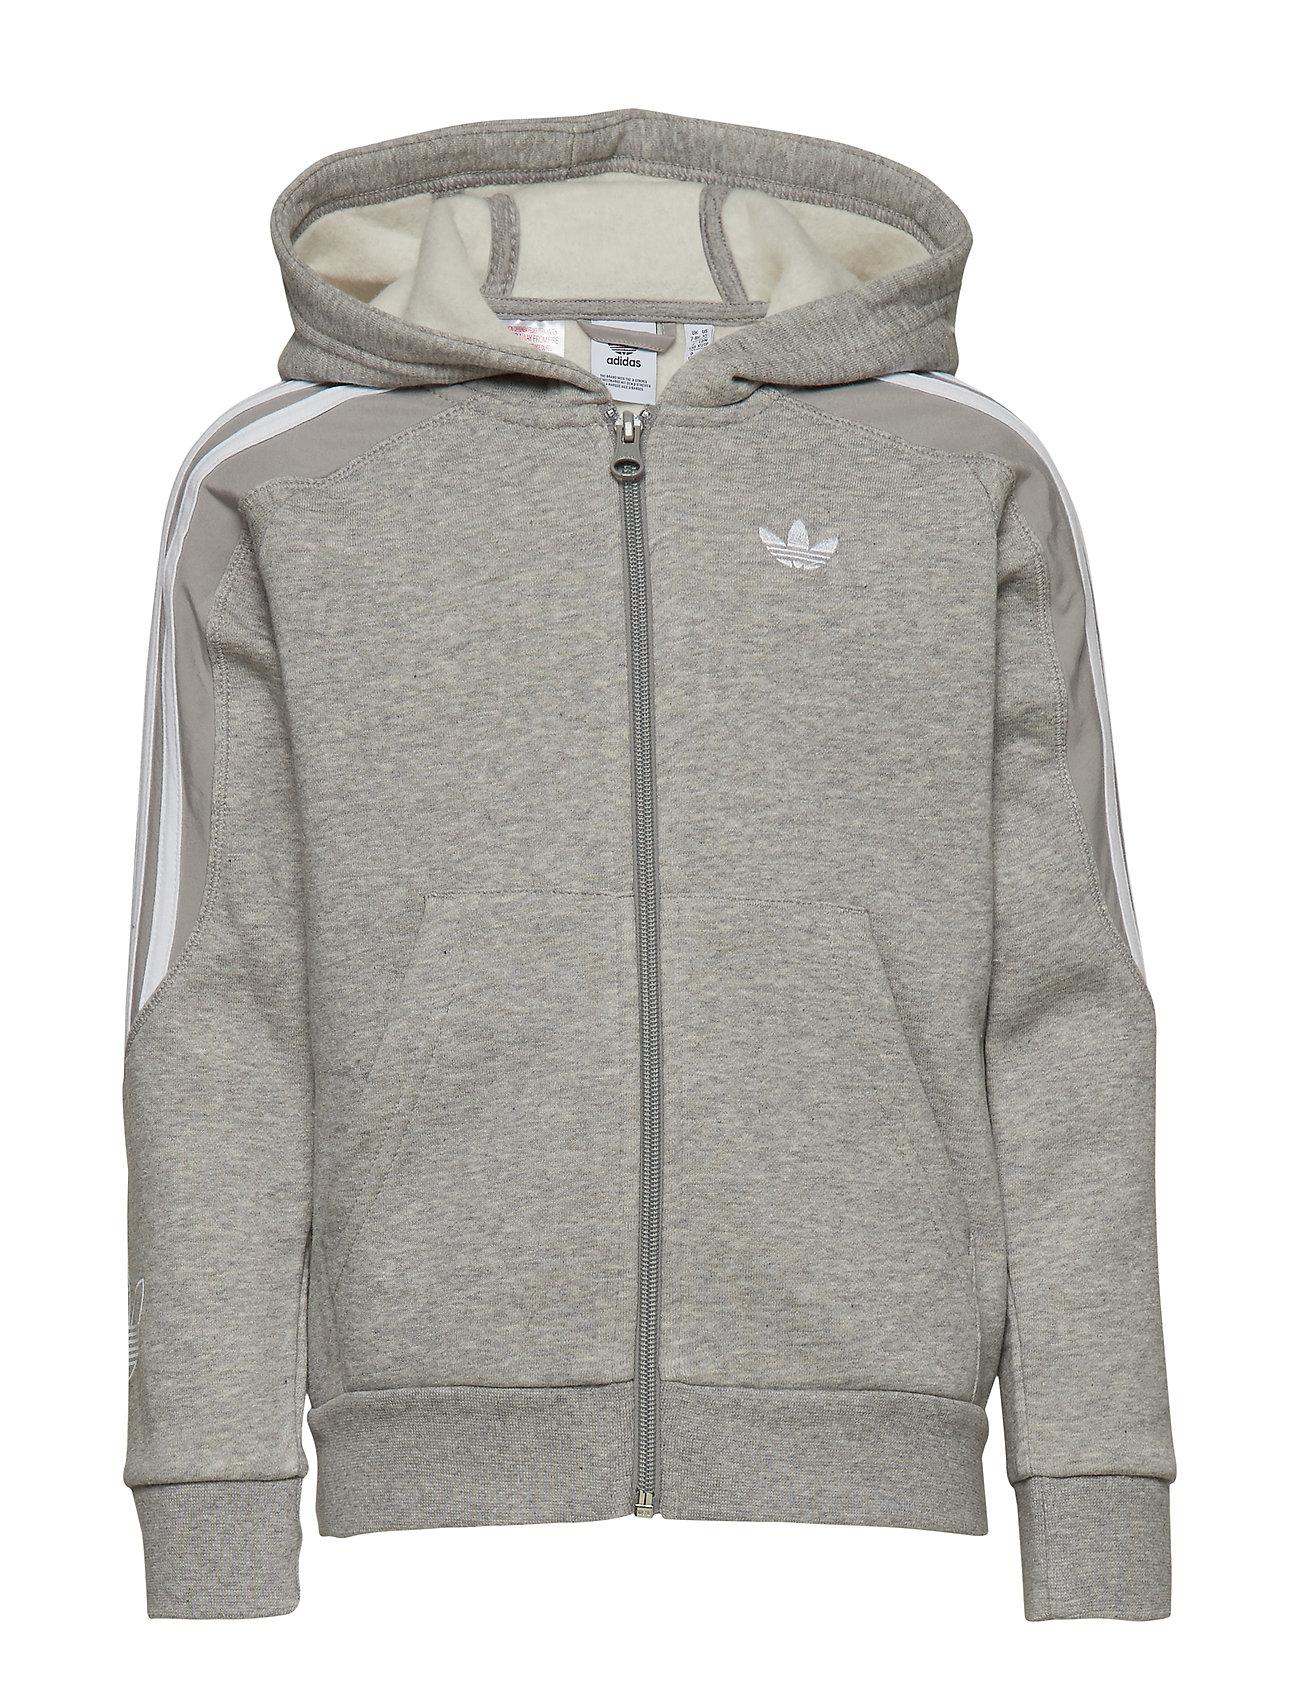 adidas Originals OUTLINE HOODIE - MGREYH/WHITE